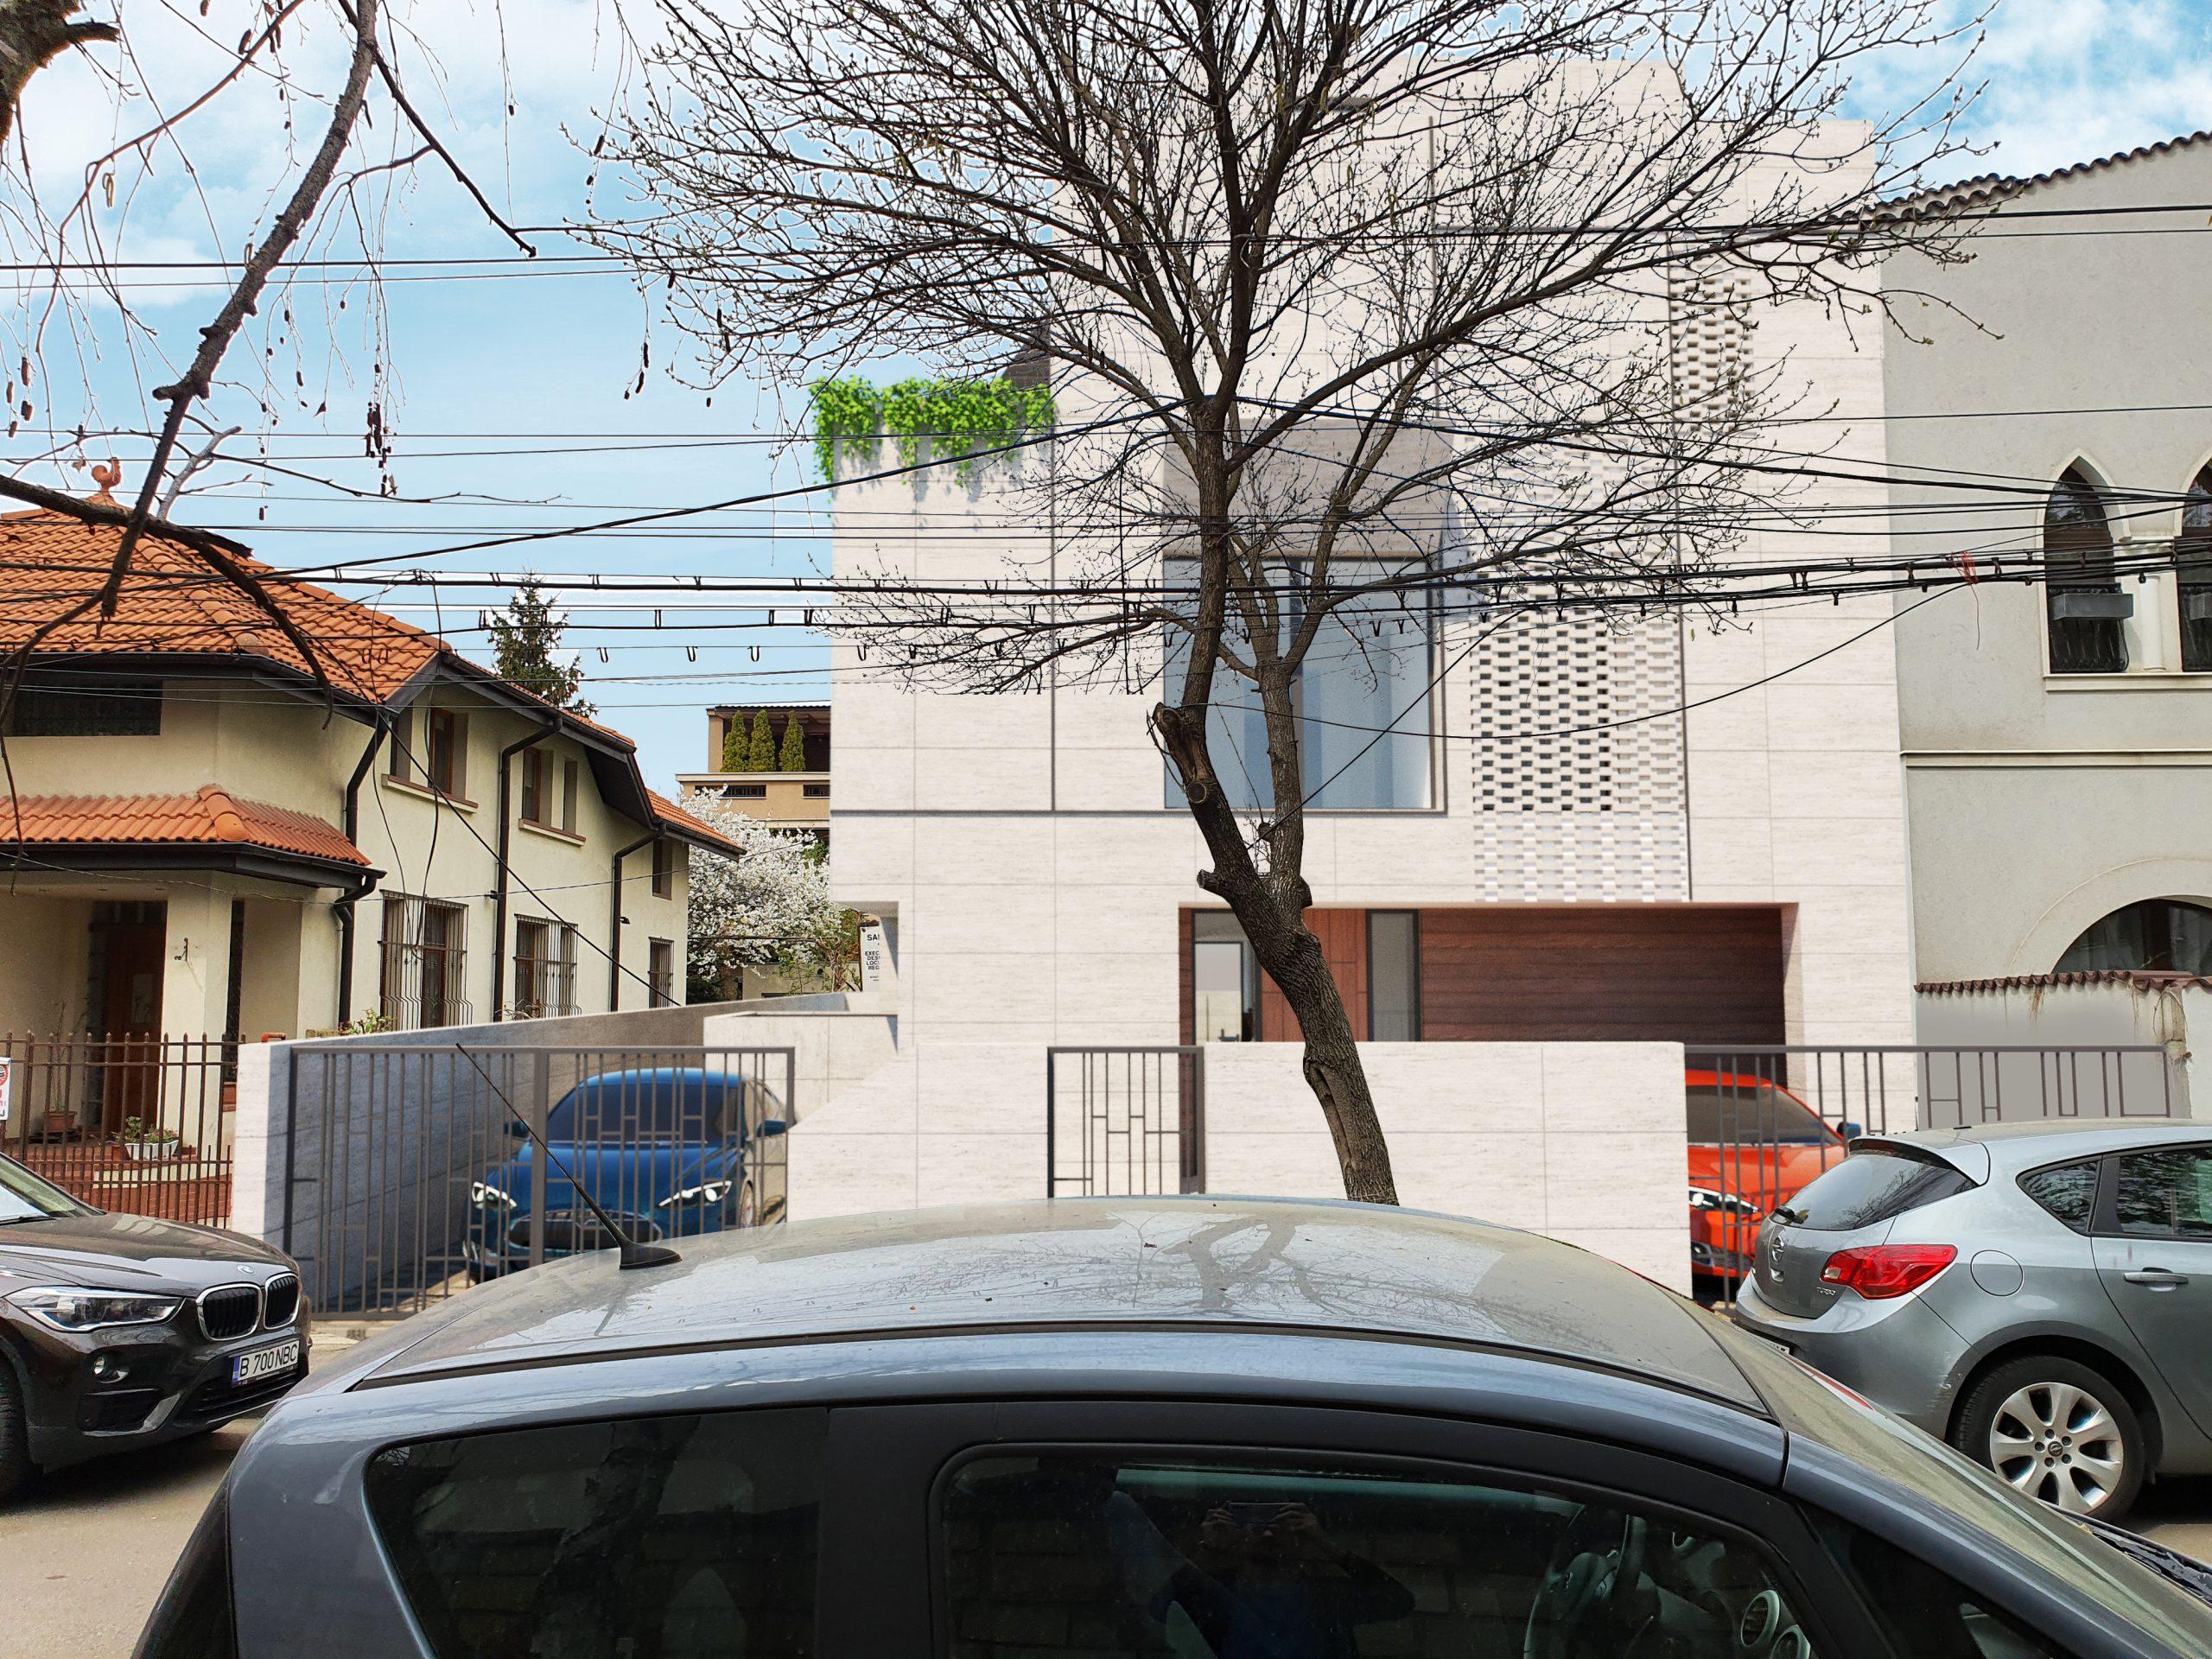 https://nbc-arhitect.ro/wp-content/uploads/2020/10/NBC-Arhitect-_-housing-_-17-Zori-_-Bucharest_Romania-_-12-1-scaled.jpg